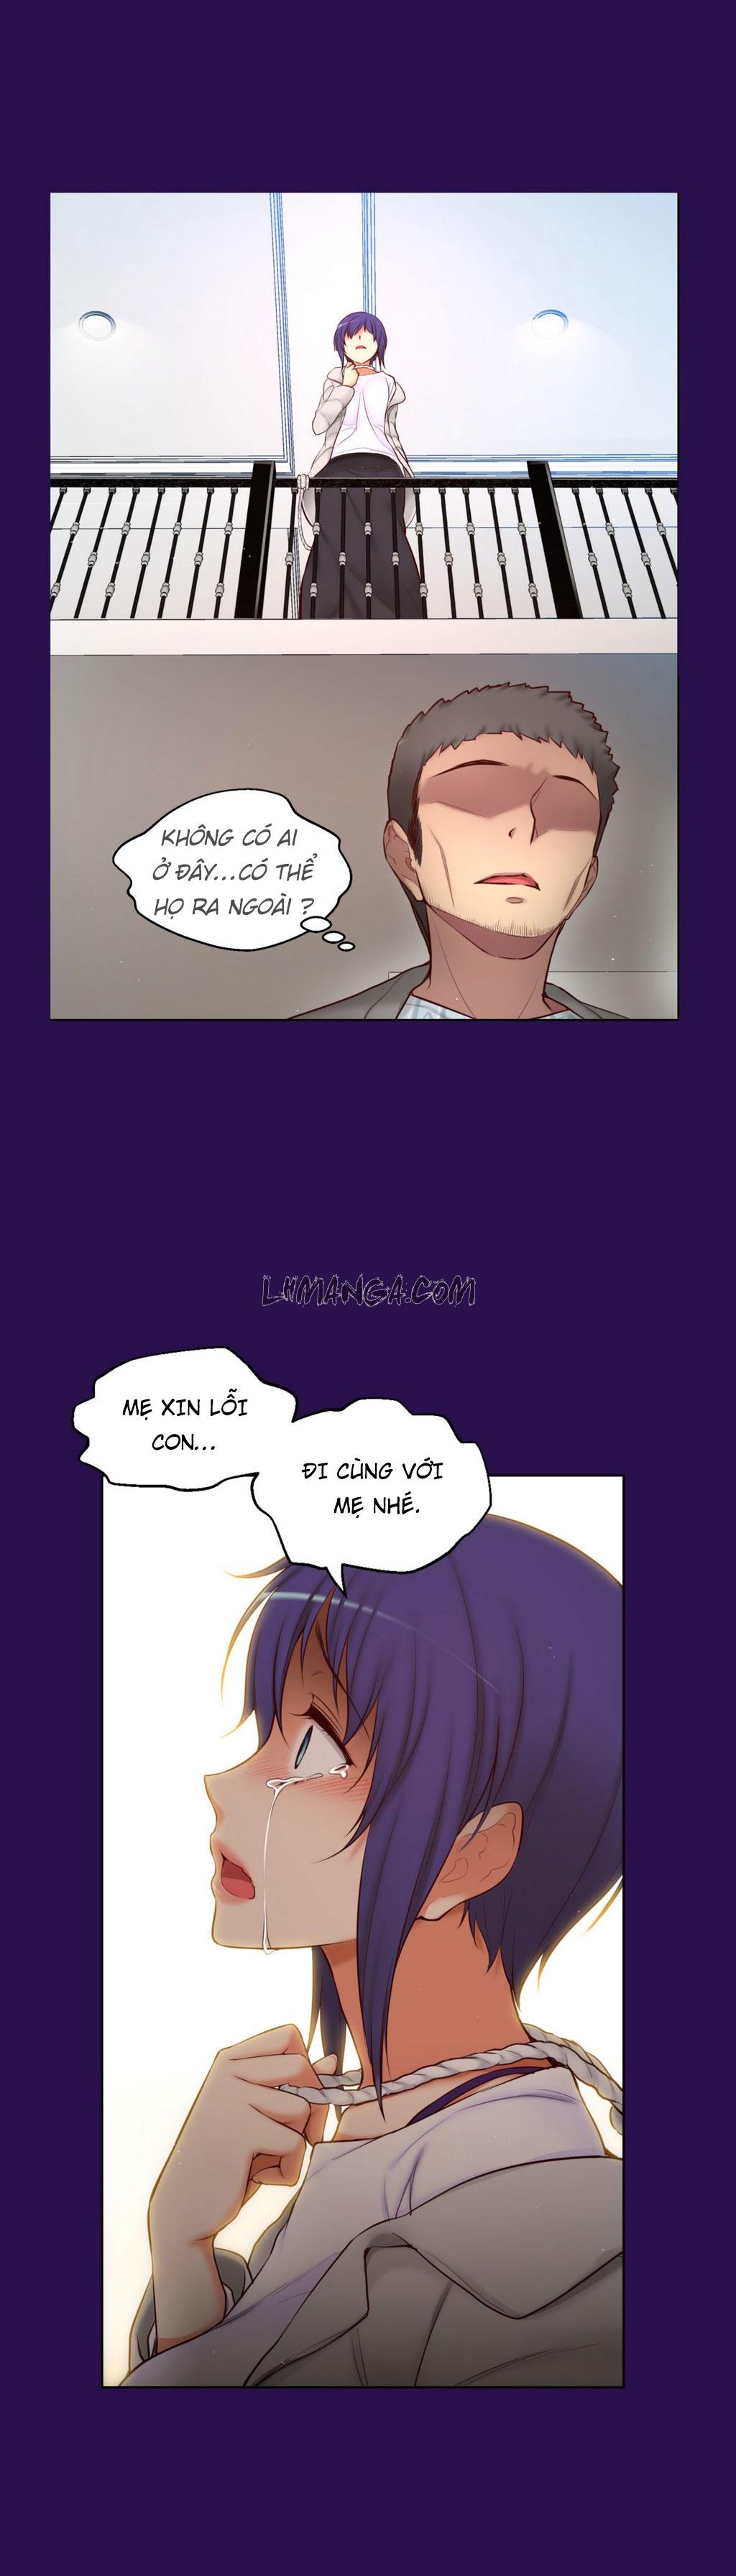 Hình ảnh HINH_00037 in [Siêu phẩm Hentai] Little Girl Full